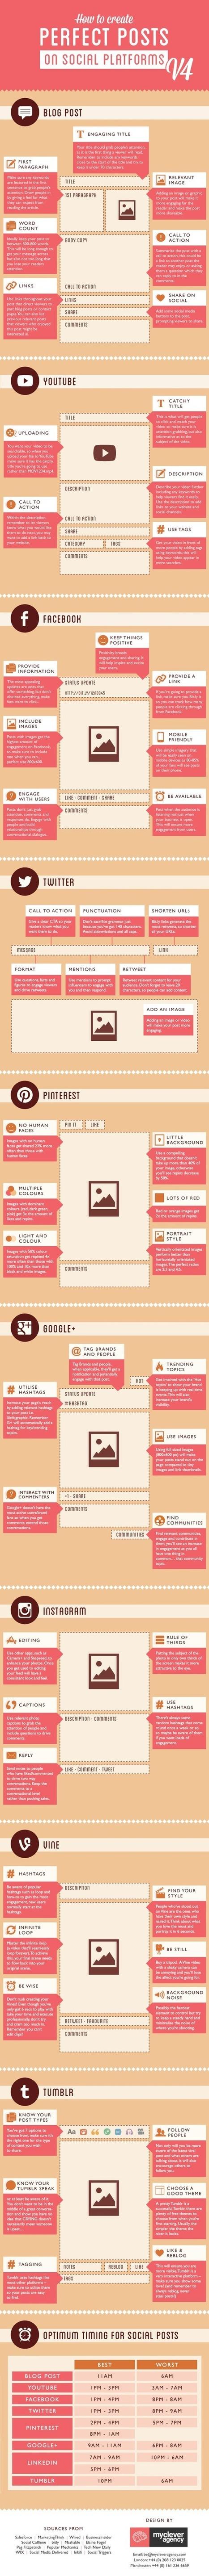 Wie du perfekte Social Media Postings schreibst | Social Media | Scoop.it